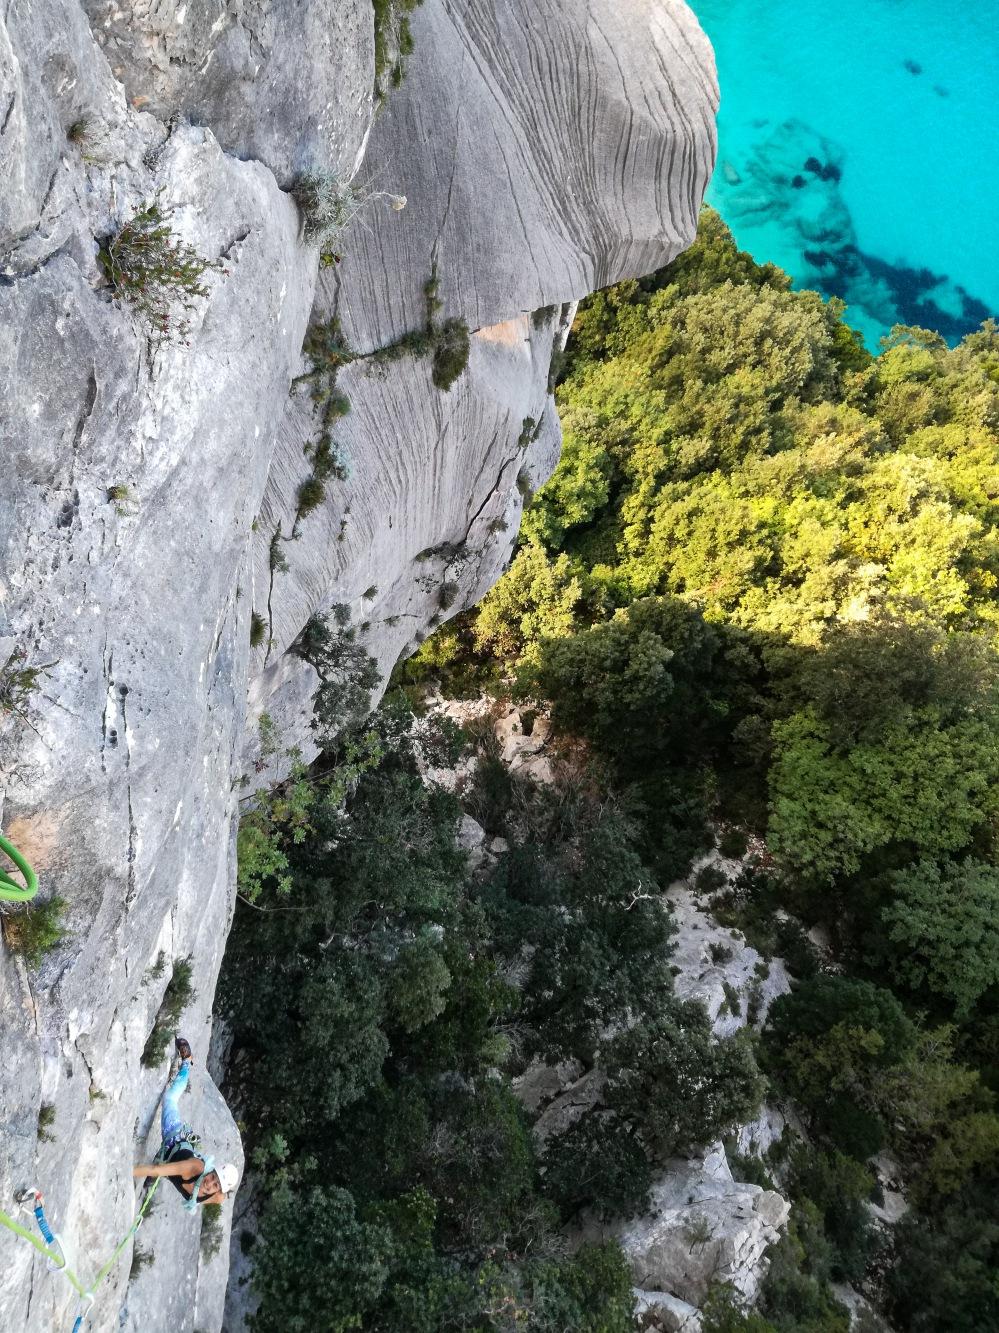 Aletta beim Klettern - Itu damagoni - Sardinien